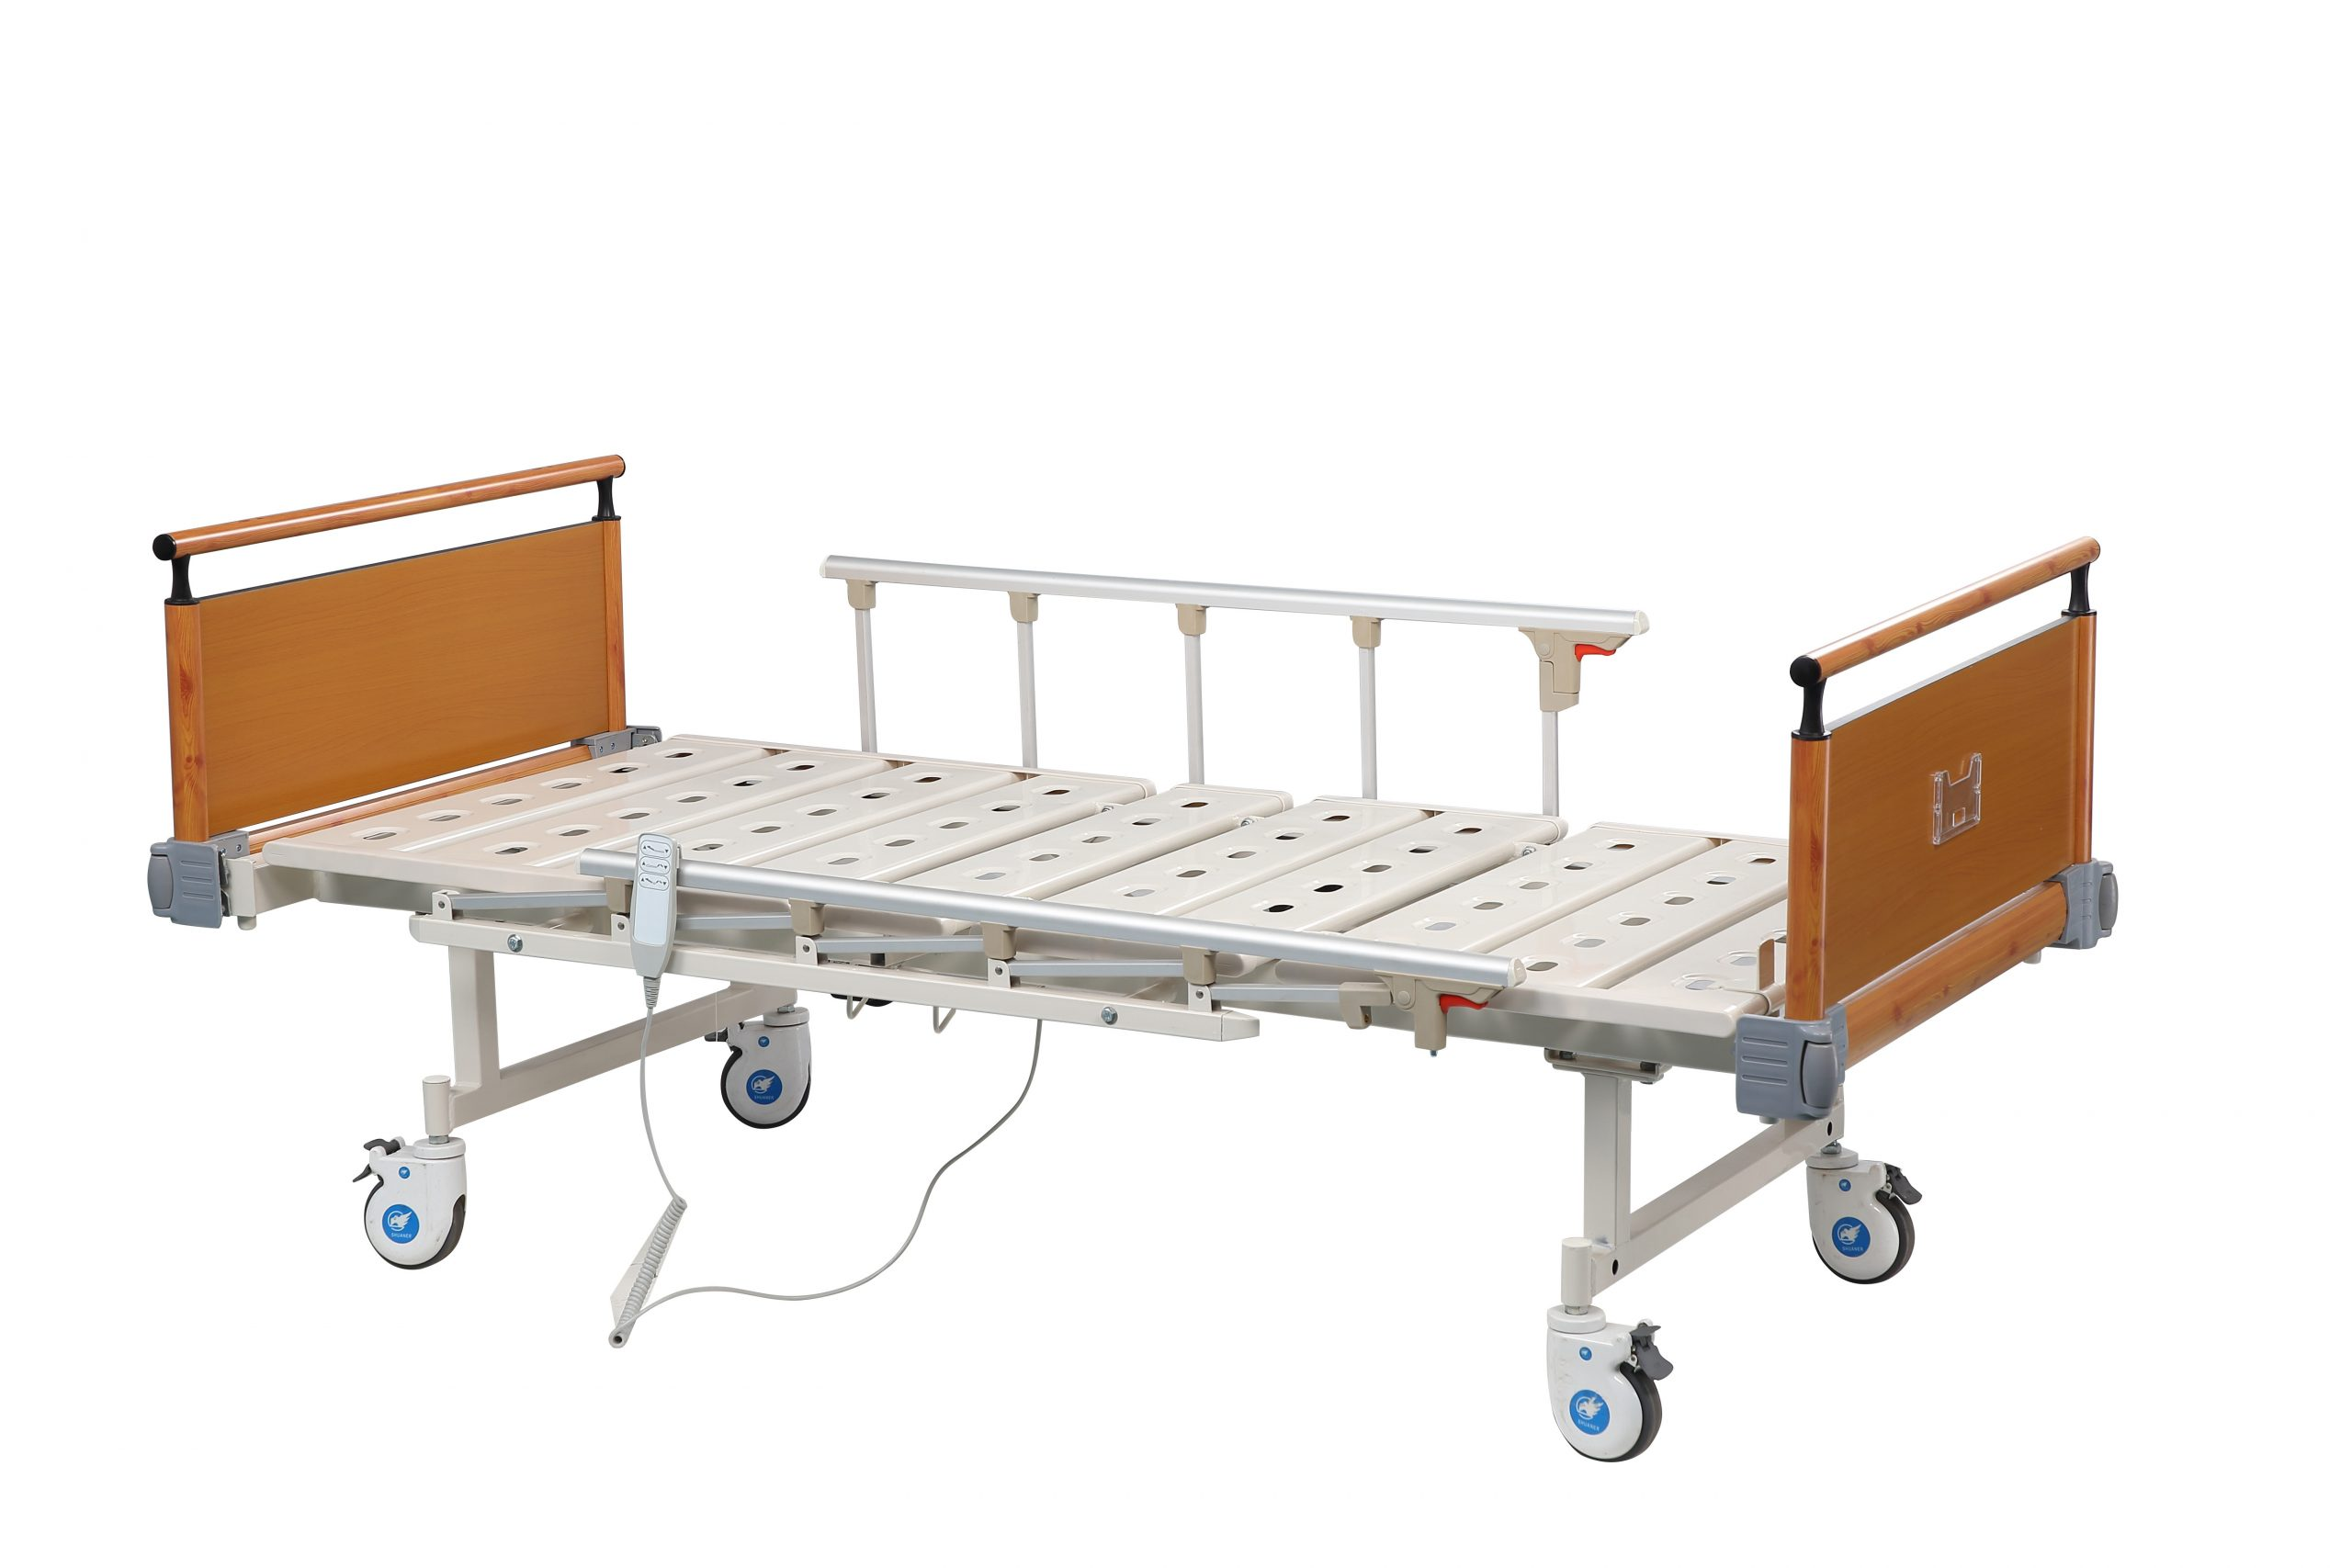 Full Size of Krankenhaus Bett Mit Bettkasten 90x200 Günstiges Oschmann Betten Köln Flach Ausgefallene Eiche Massiv 180x200 Lattenrost Und Matratze Günstig Nussbaum Bett Krankenhaus Bett